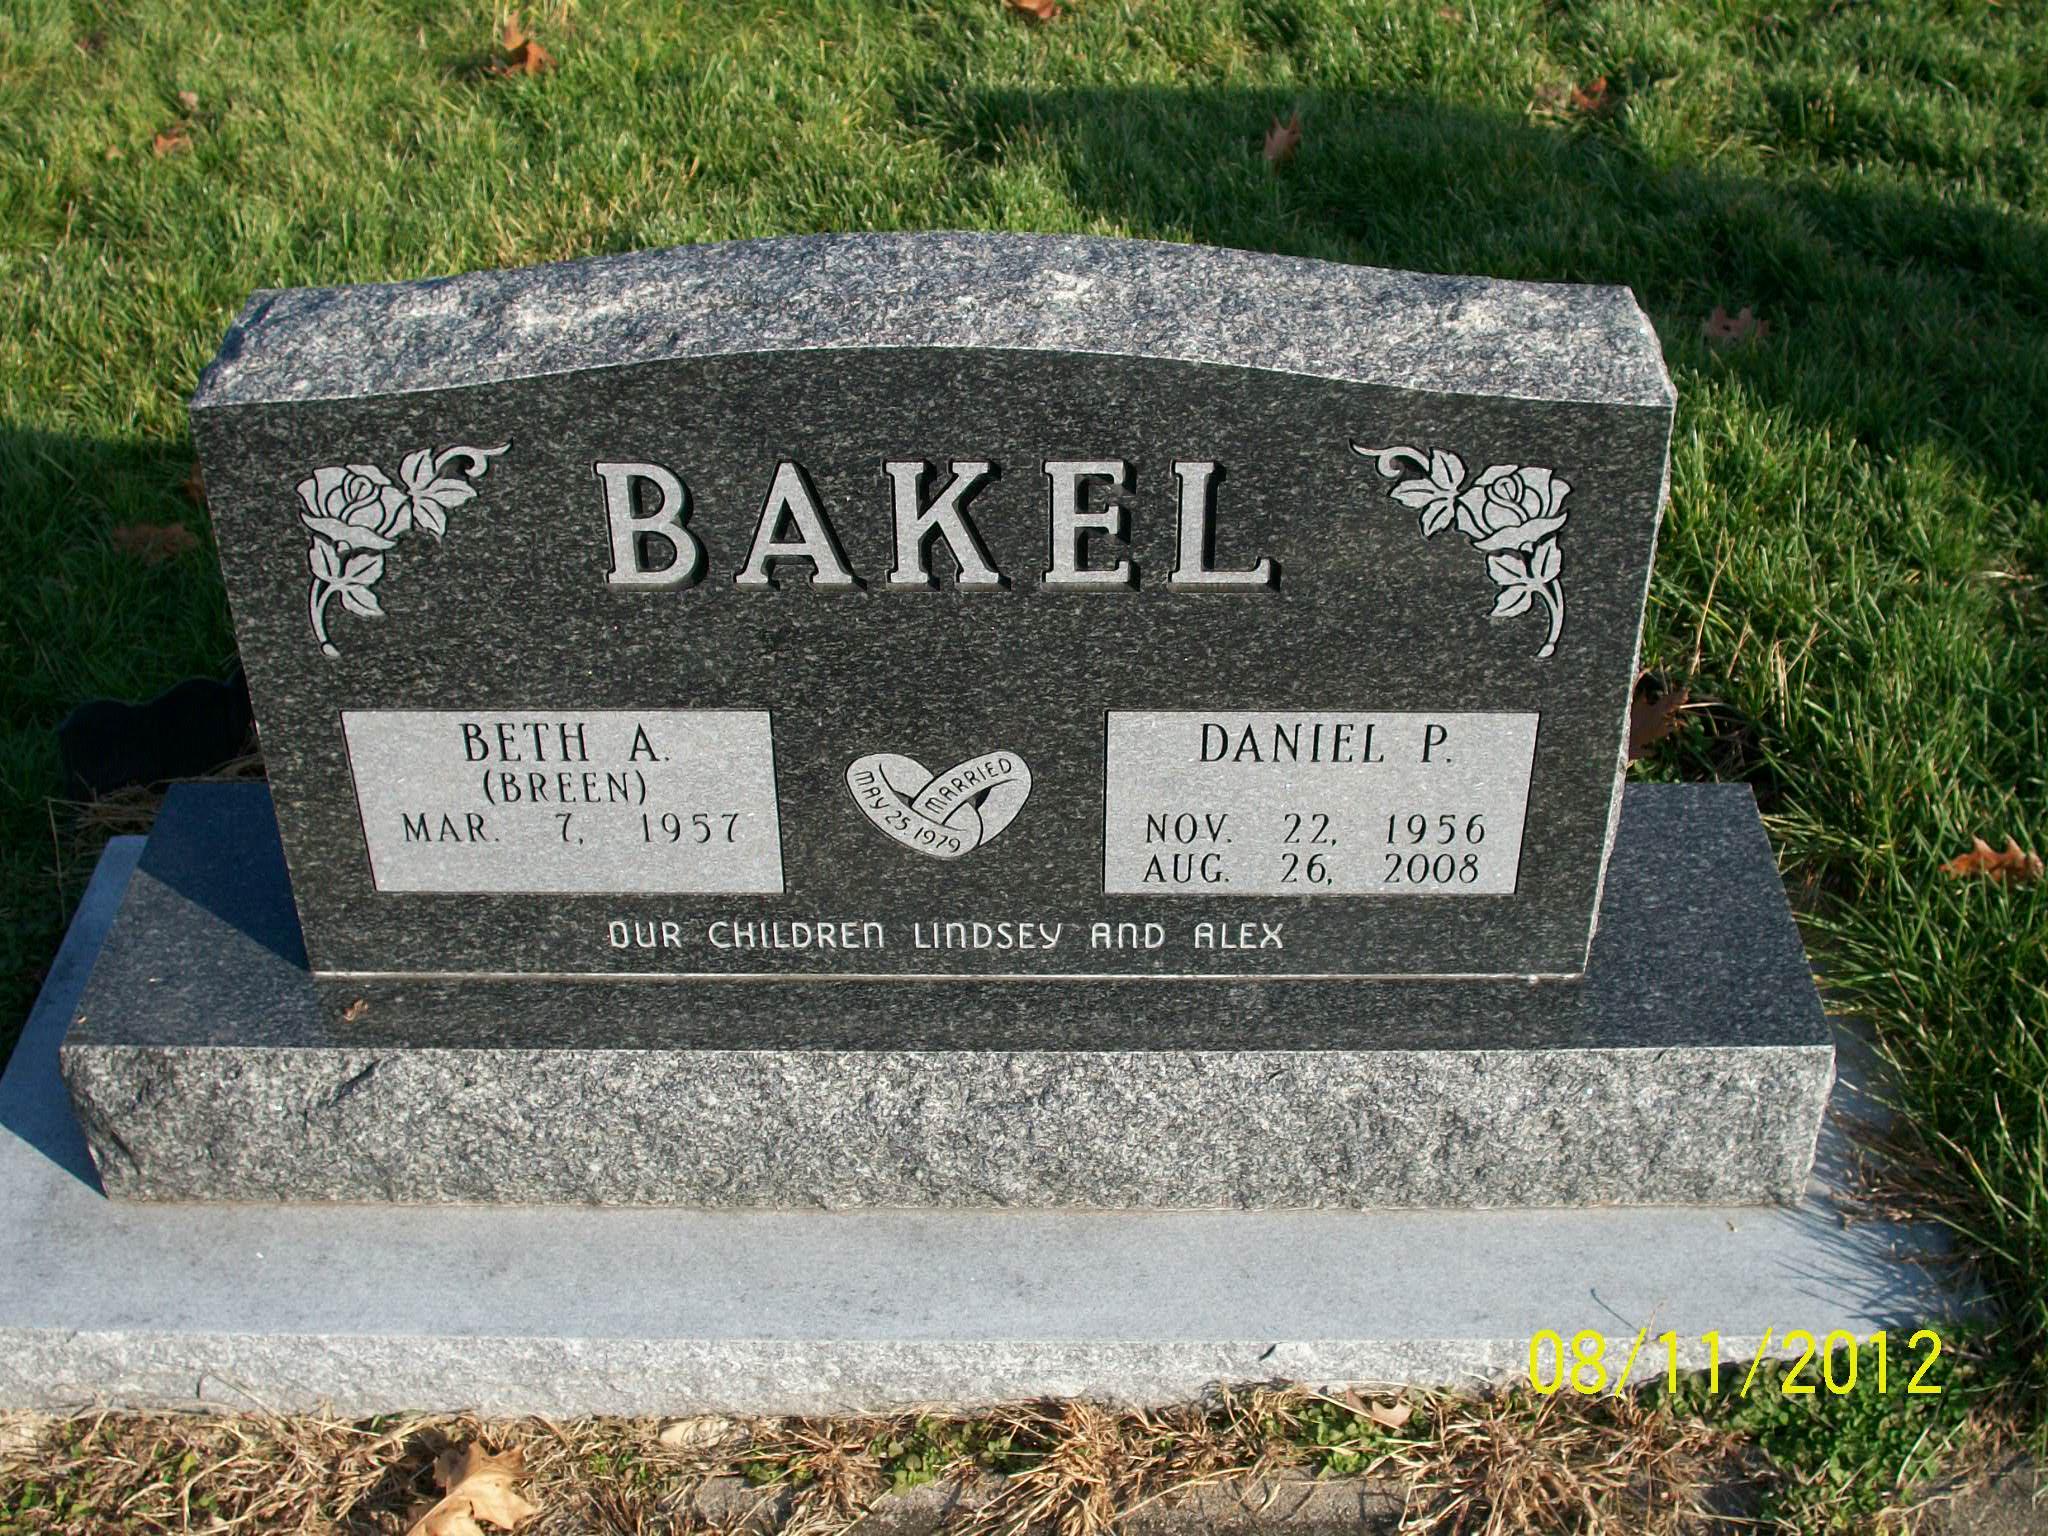 Daniel P. Dan Bakel